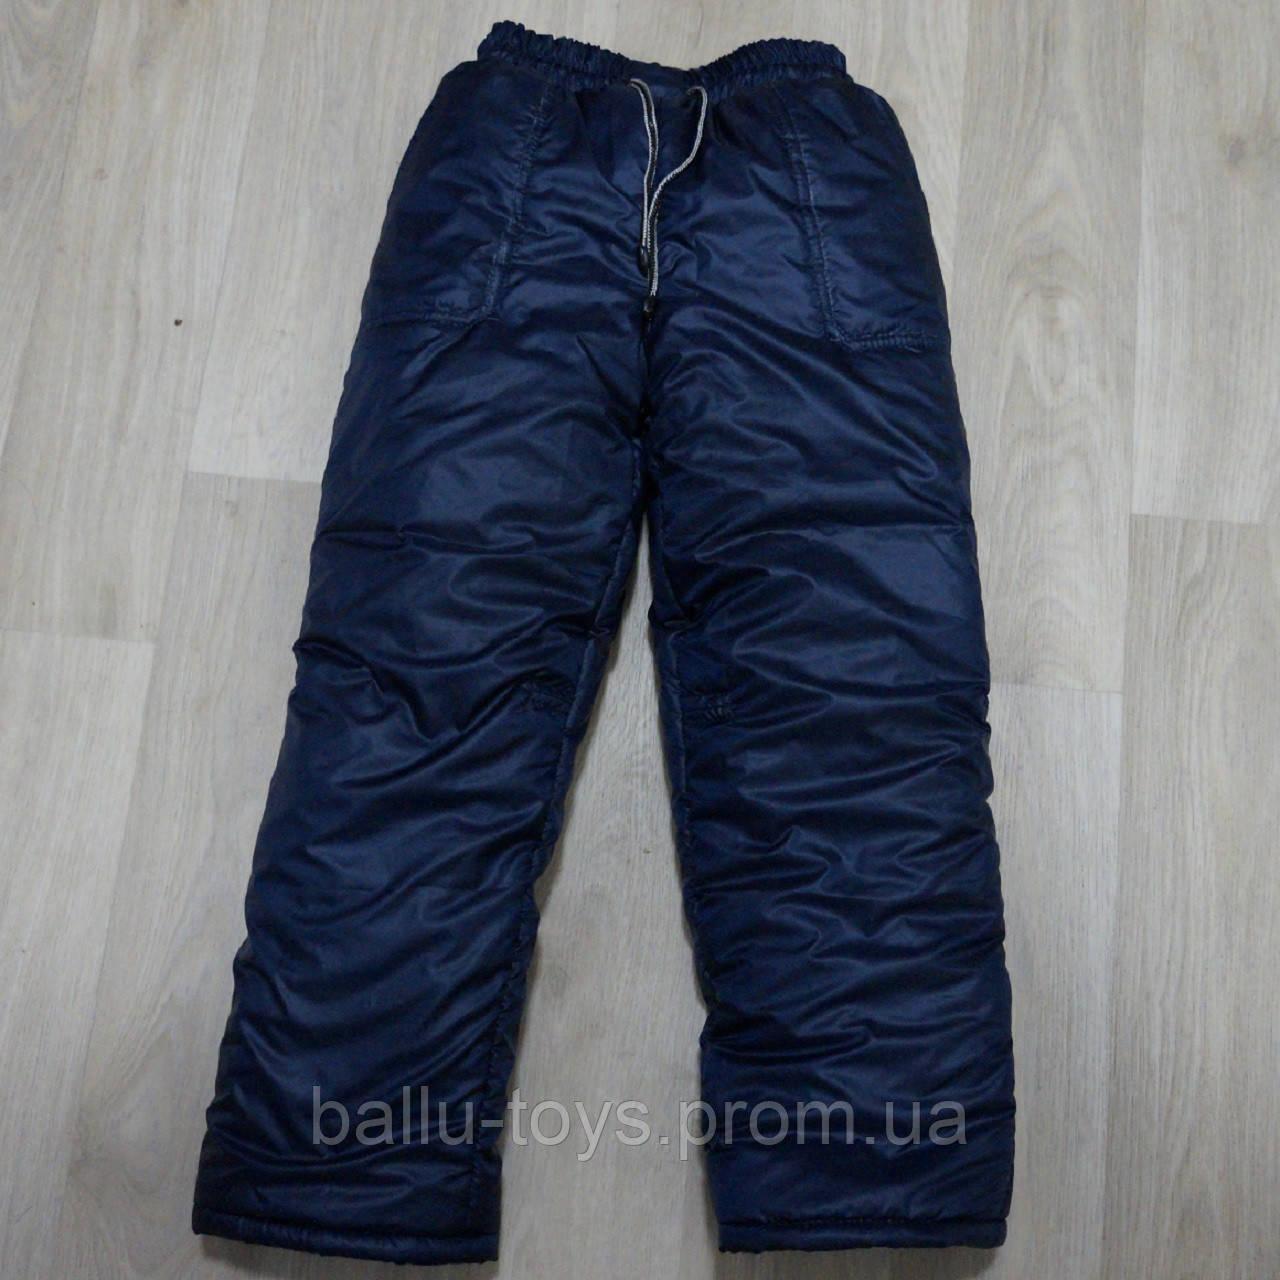 Детские зимние штаны на флисе на 5-9 лет